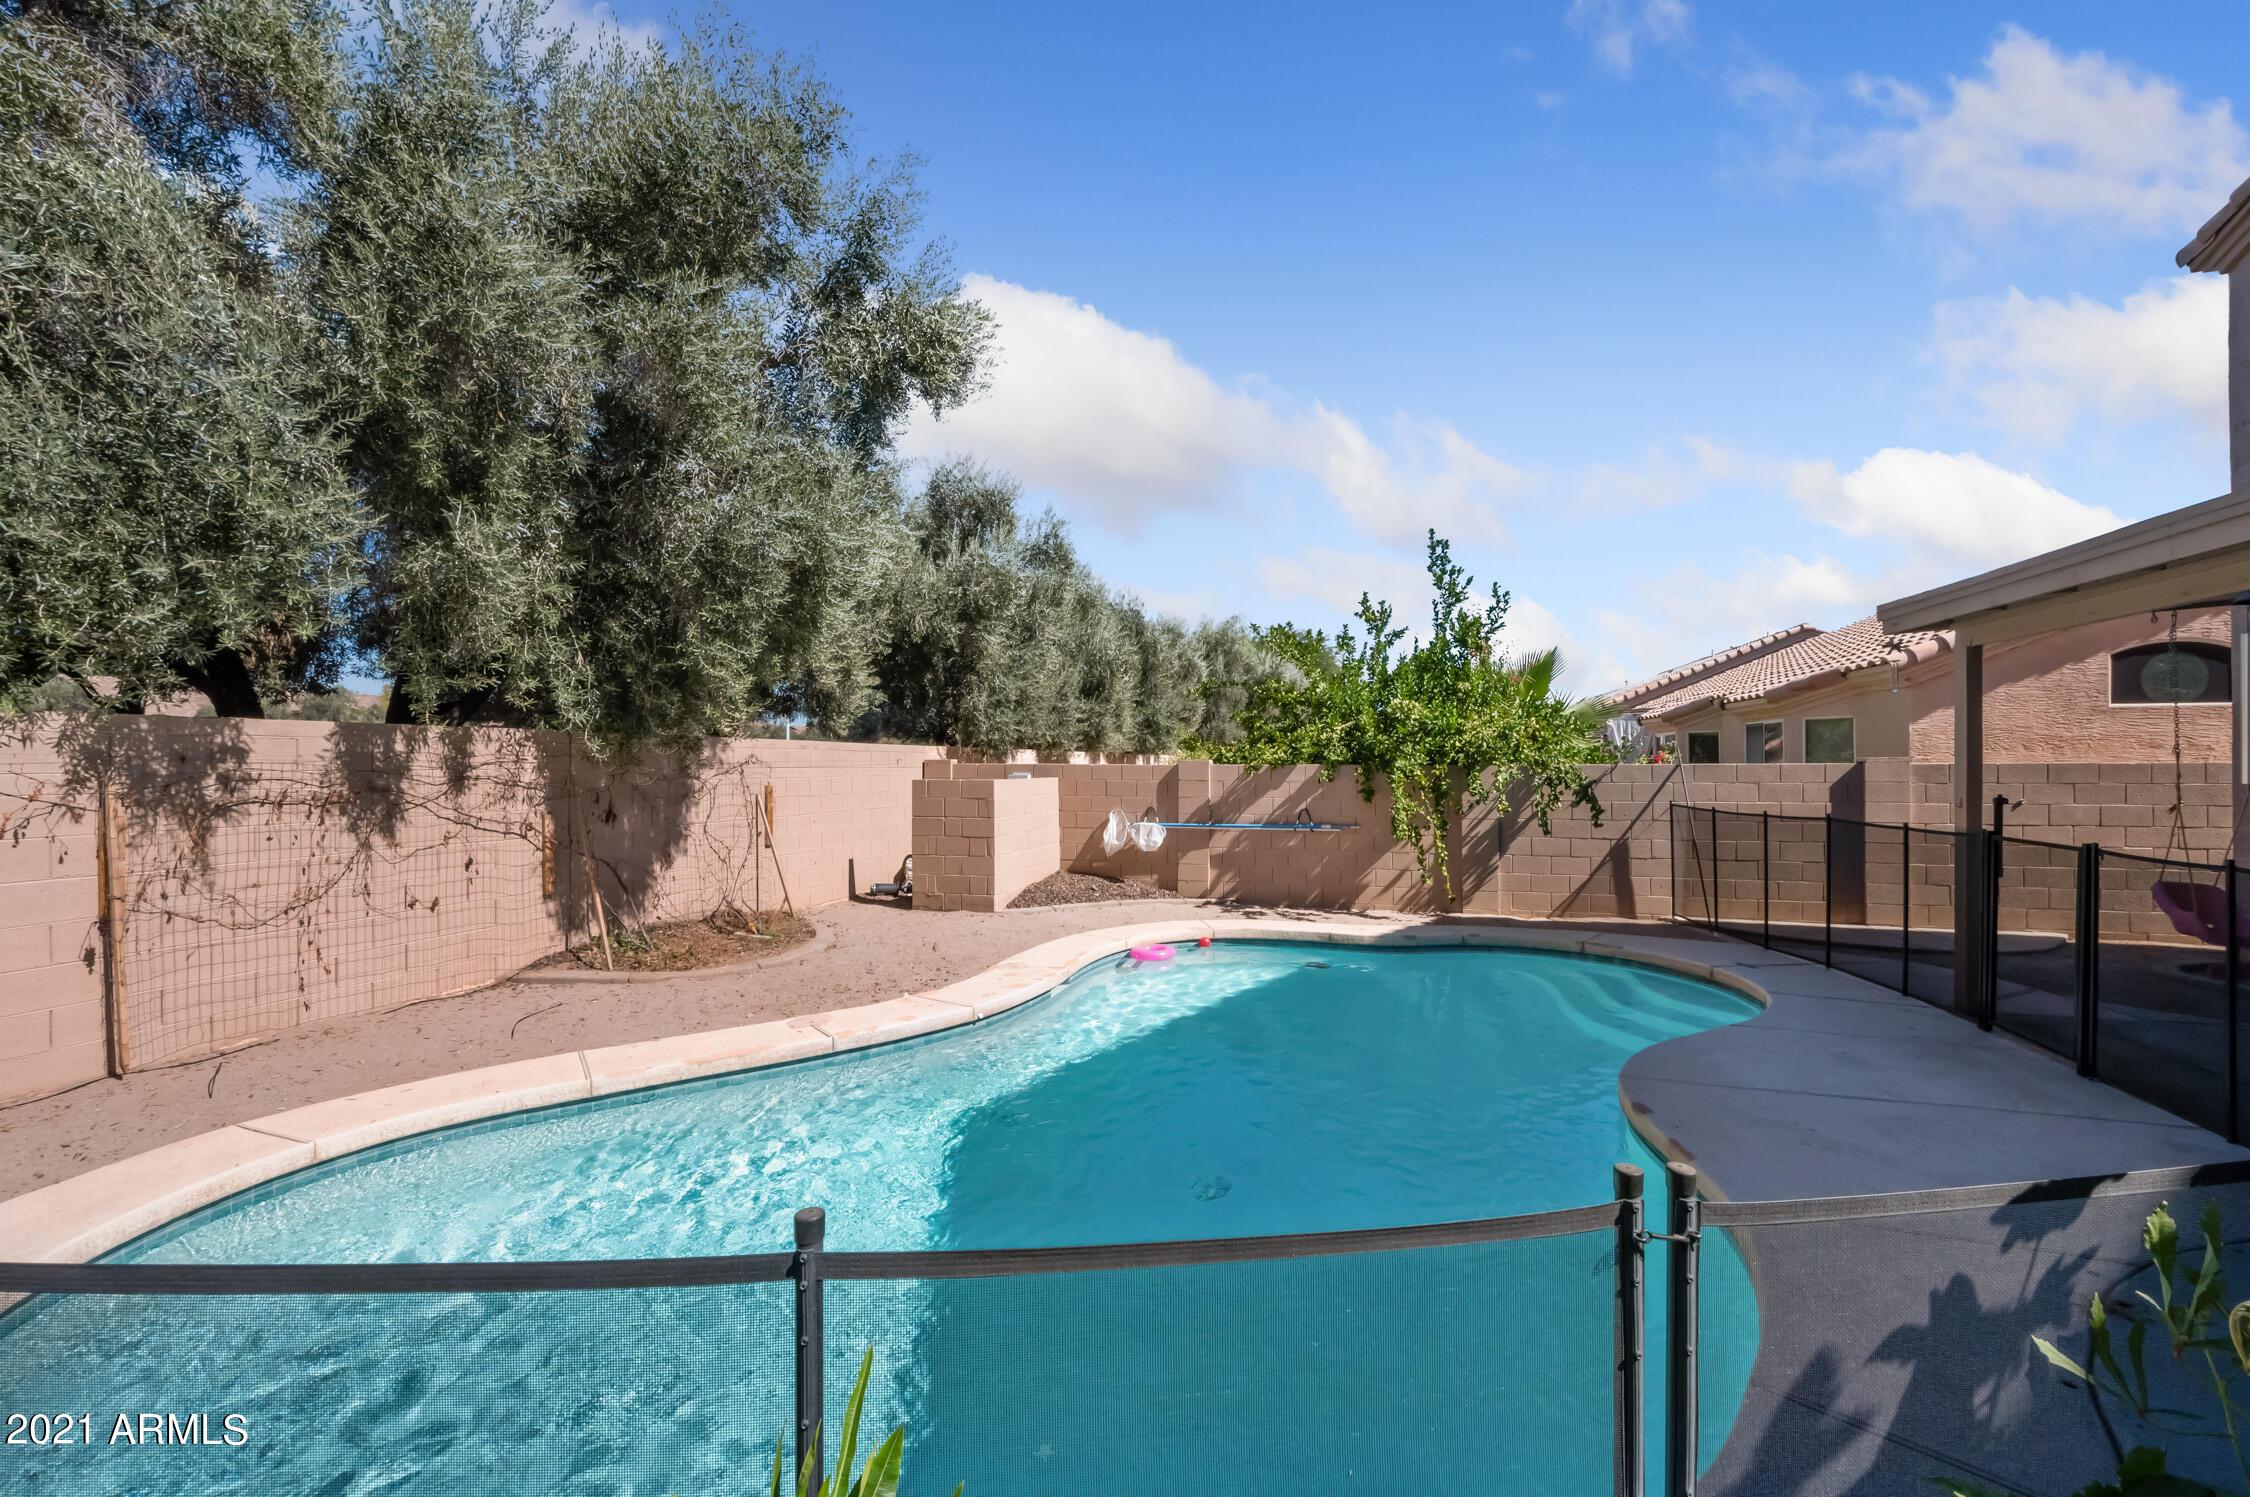 MLS 6307918 6168 W MEGAN Street, Chandler, AZ 85226 Chandler AZ Private Pool